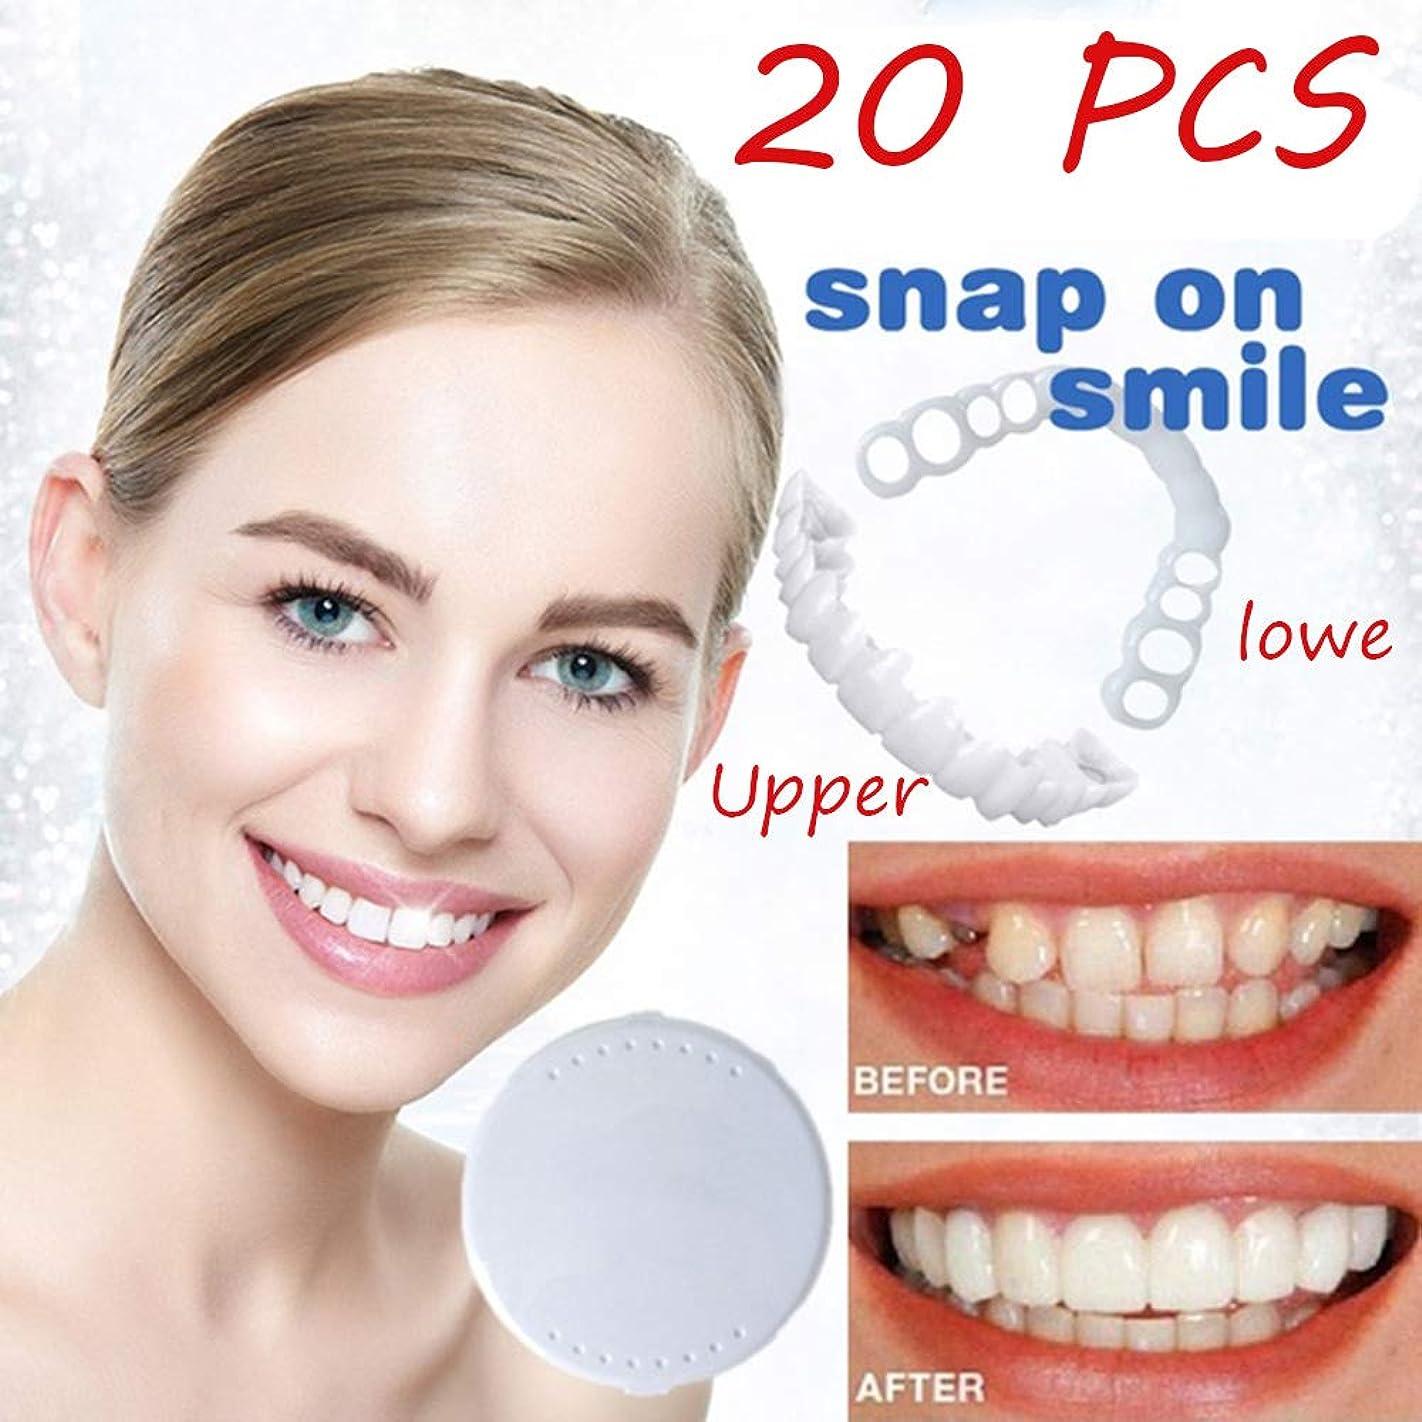 先生スクラップ植物学20 PCSホワイトニング義歯一時的な義歯笑顔快適な化粧品化粧品歯義歯ケアほとんどの人に適したワンサイズ(上下)